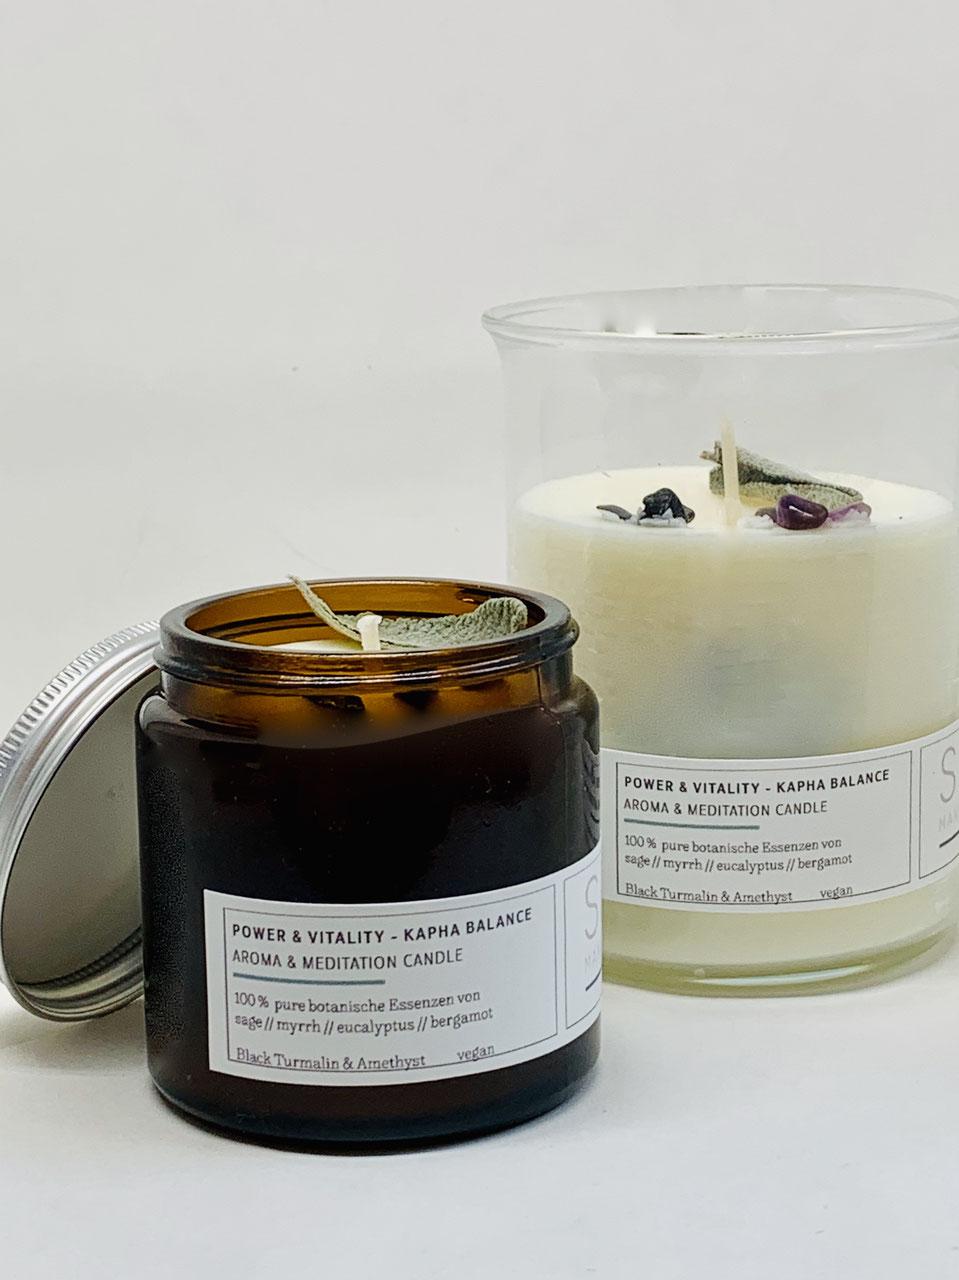 Aromakerzen Duftkerzen Stearin schwarzen Johannisbeere SPA Wachs Kerzen